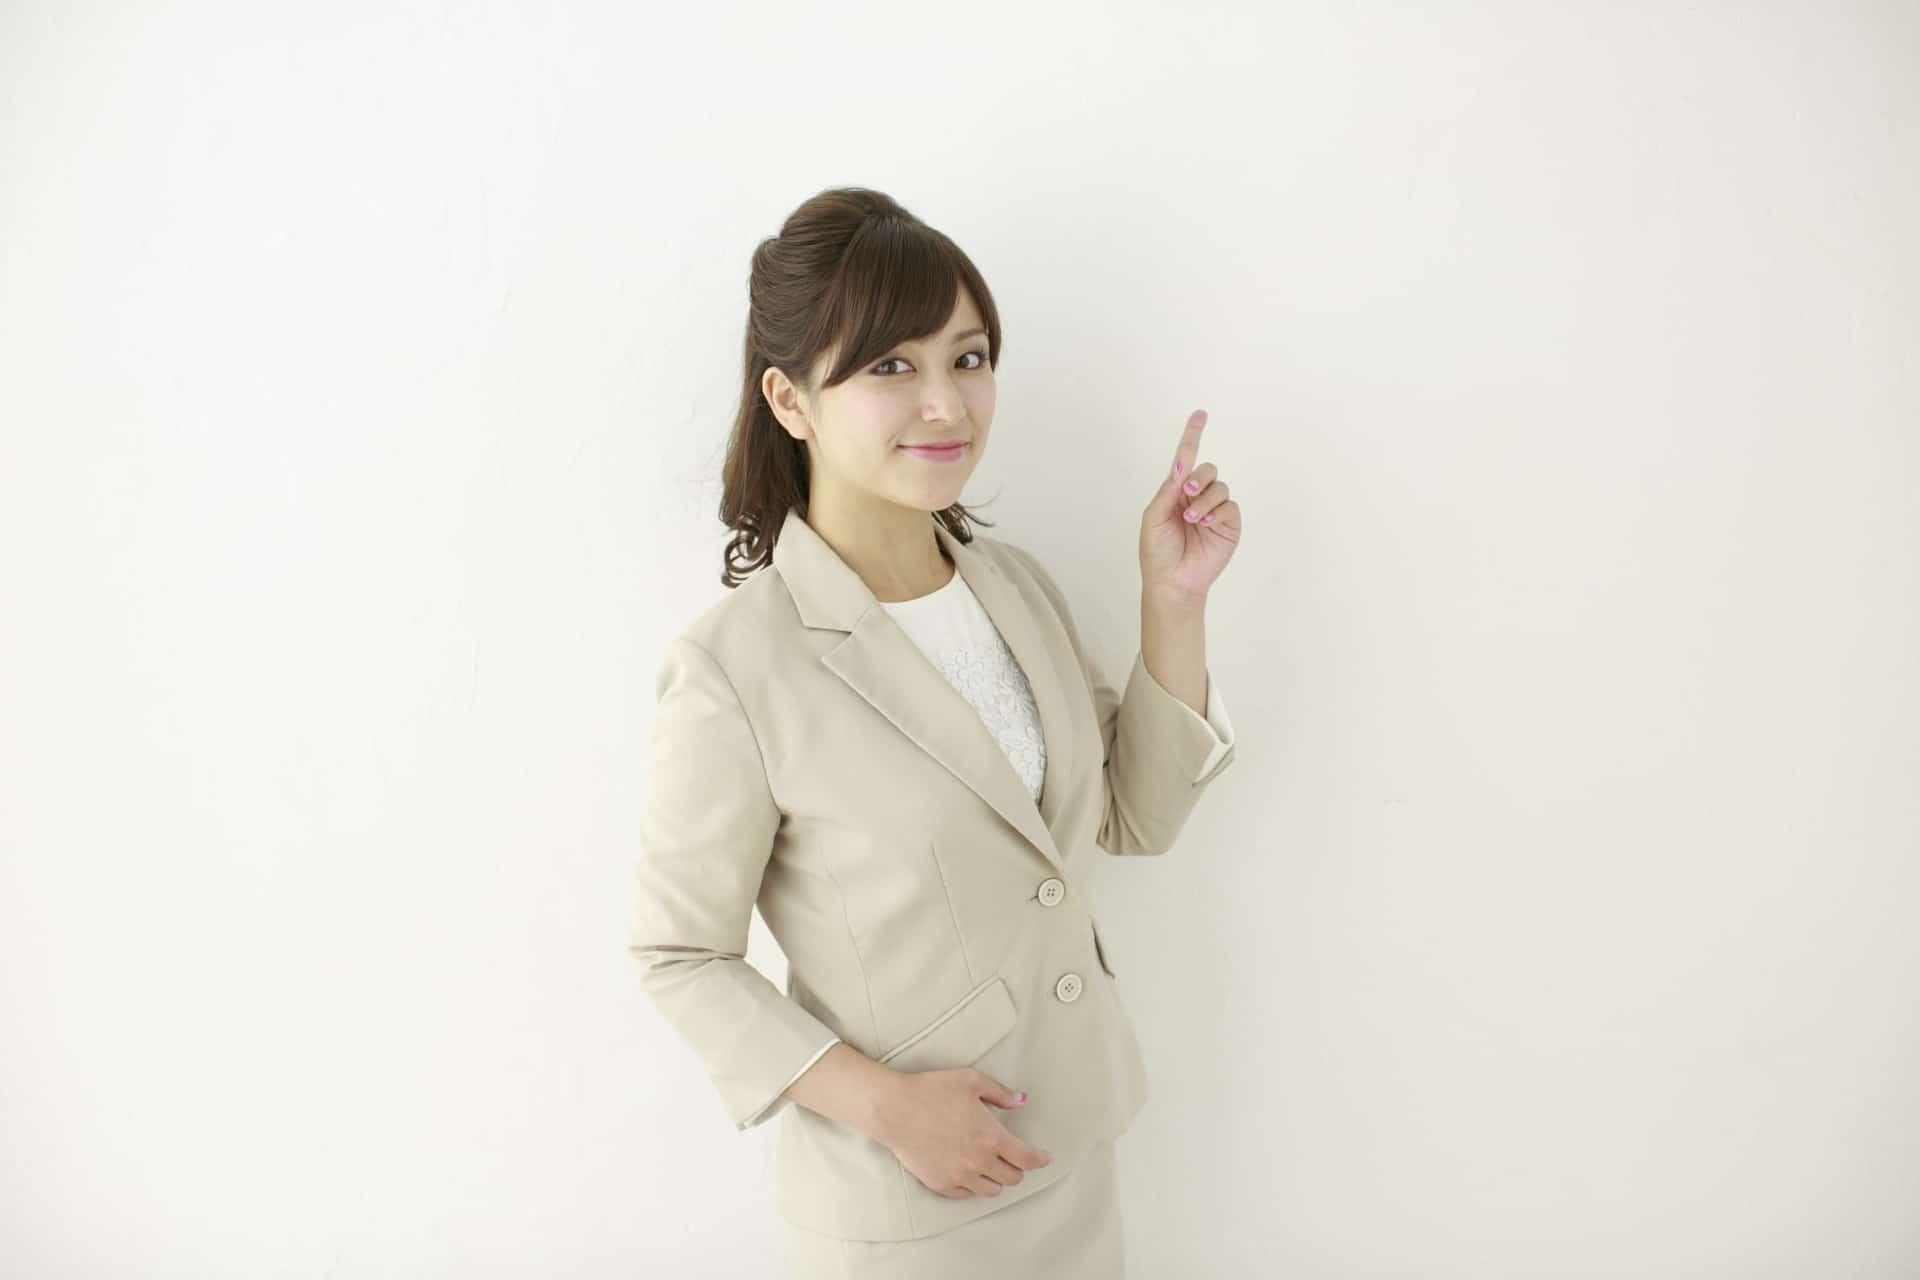 人差し指を指す女性